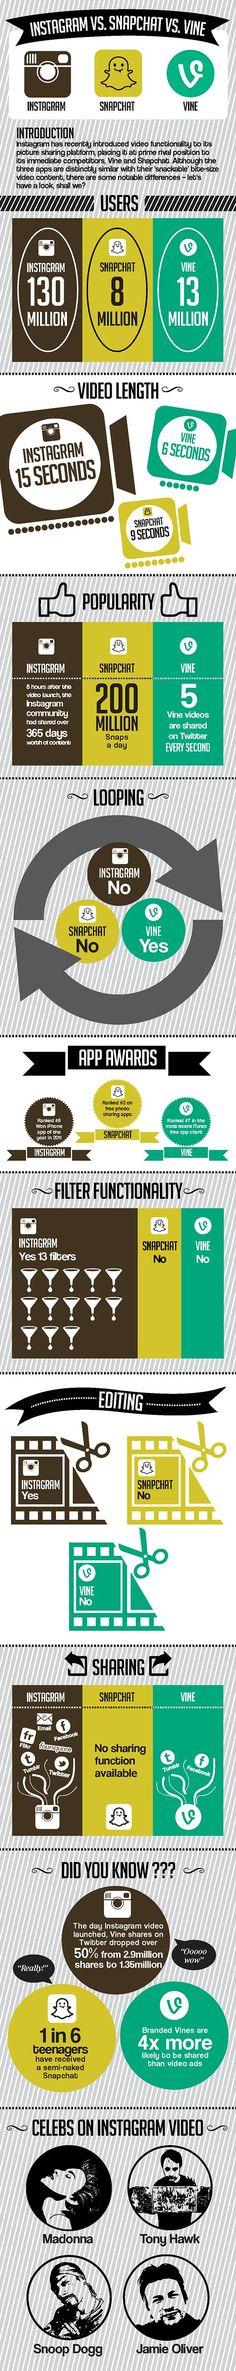 [ #Infographie ] Instagram Vs Vine Vs SnapChat : un trio plutôt animé !